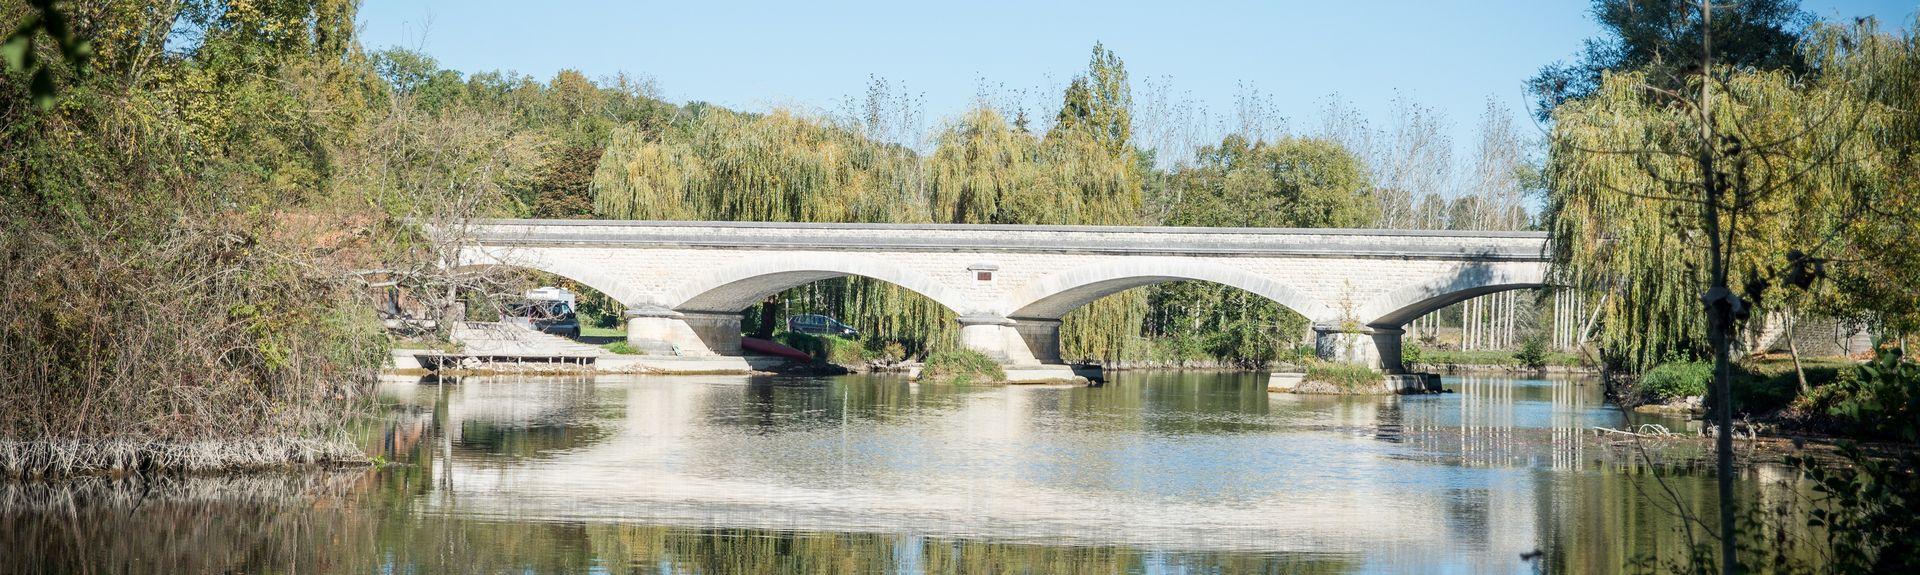 Σεντ-Ολάγιε-Πουιμάνζ, Aquitaine-Limousin-Poitou-Charentes, Γαλλία